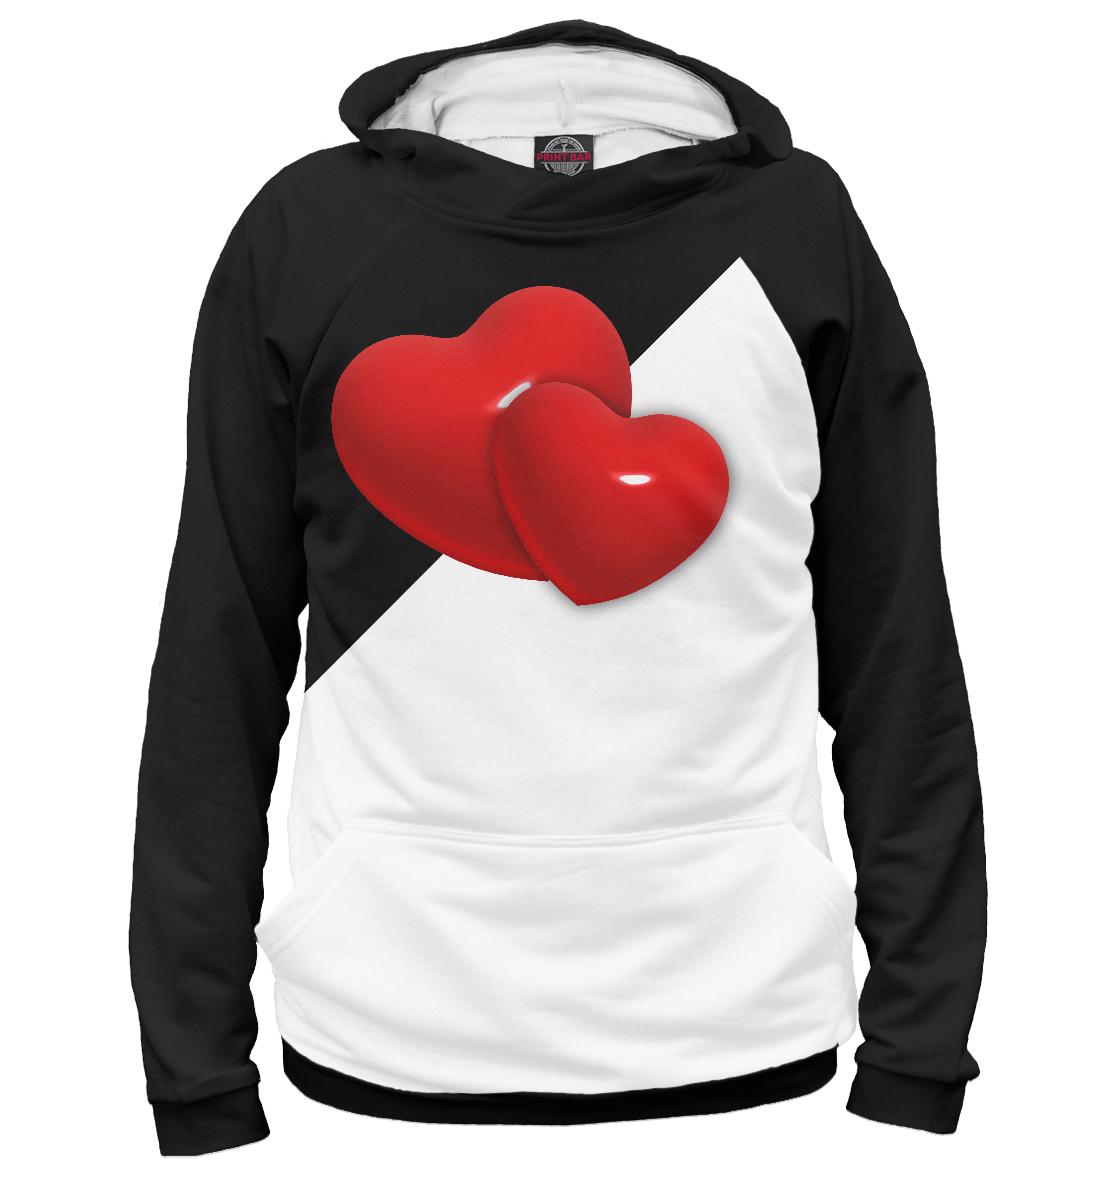 Купить Два сердца, Printbar, Худи, SRD-270766-hud-1